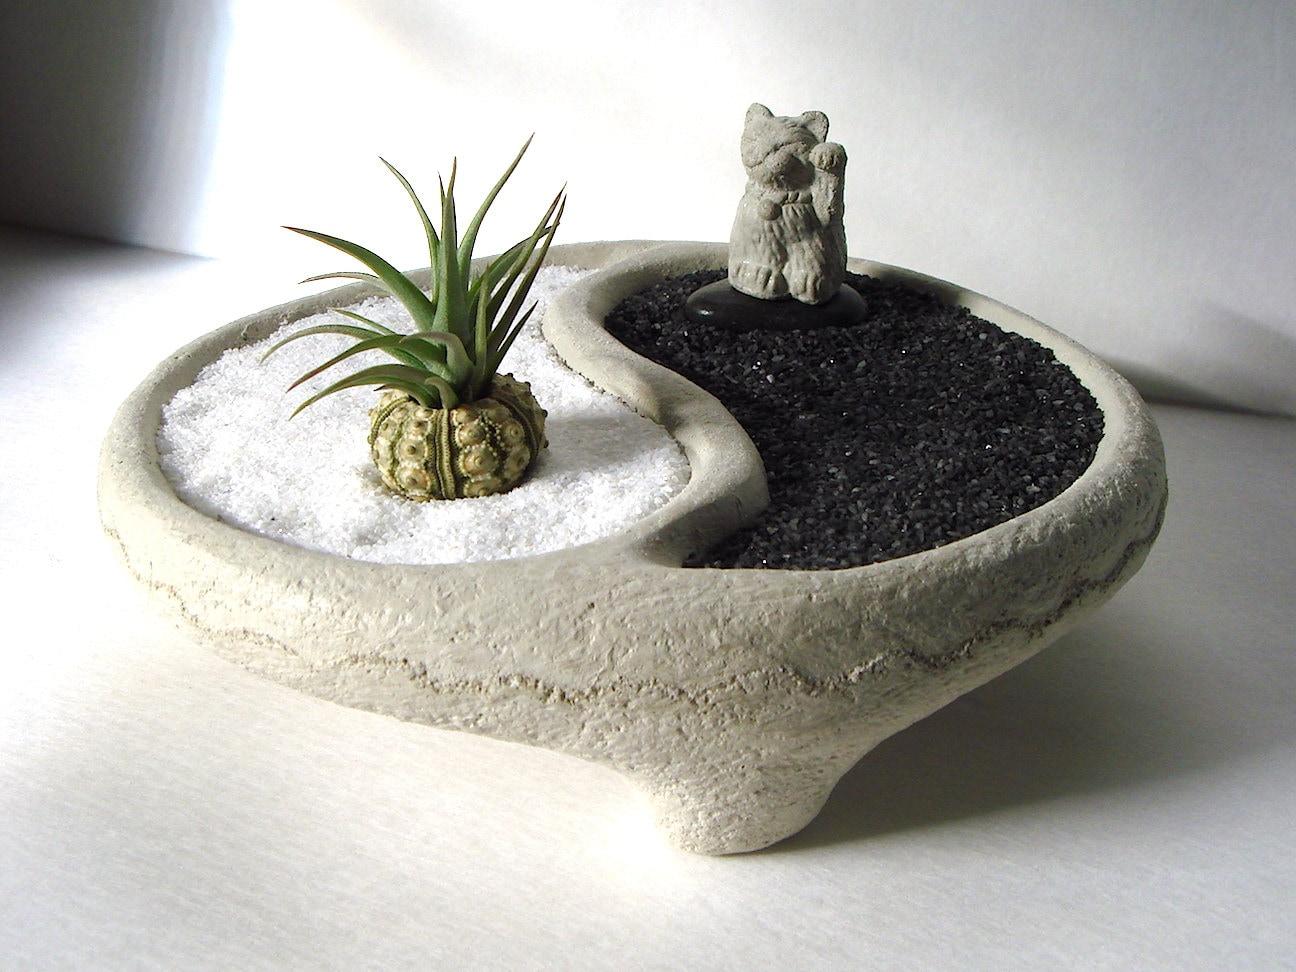 Yin yang bowl sweet mini lucky cat maneki neko air plant zen garden from tyberkatz on etsy studio - Zen garten miniatur set ...